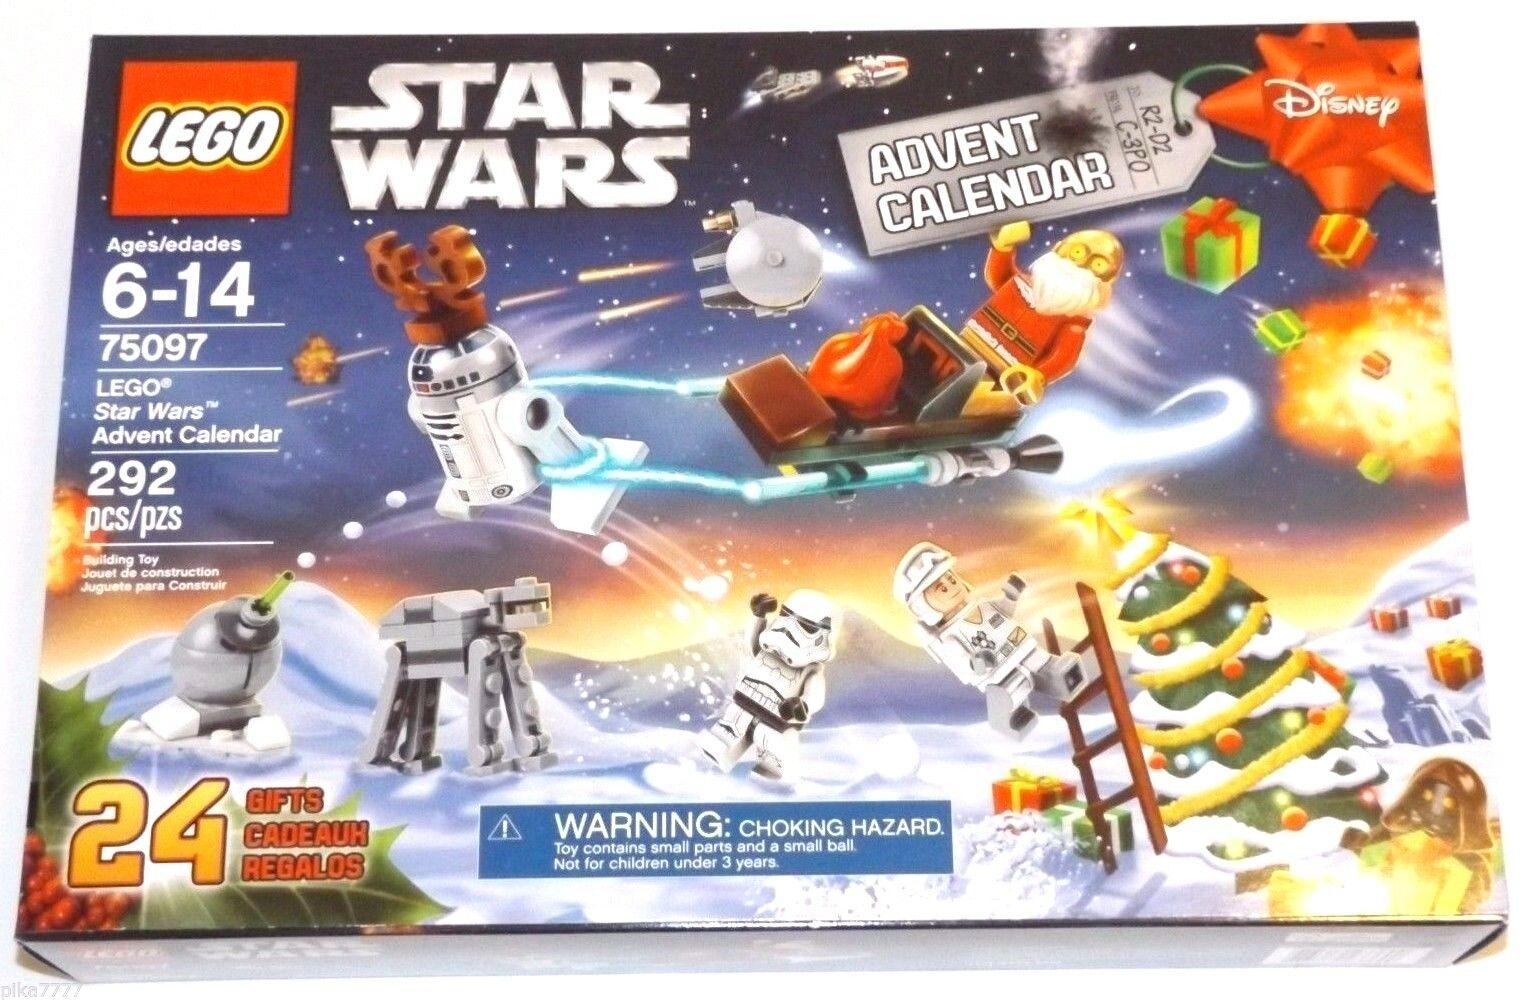 2015 LEGO STAR WARS ADVENT CALENDAR 75097 Rennes R2-D2 Santa C-3PO JAWA Ewok